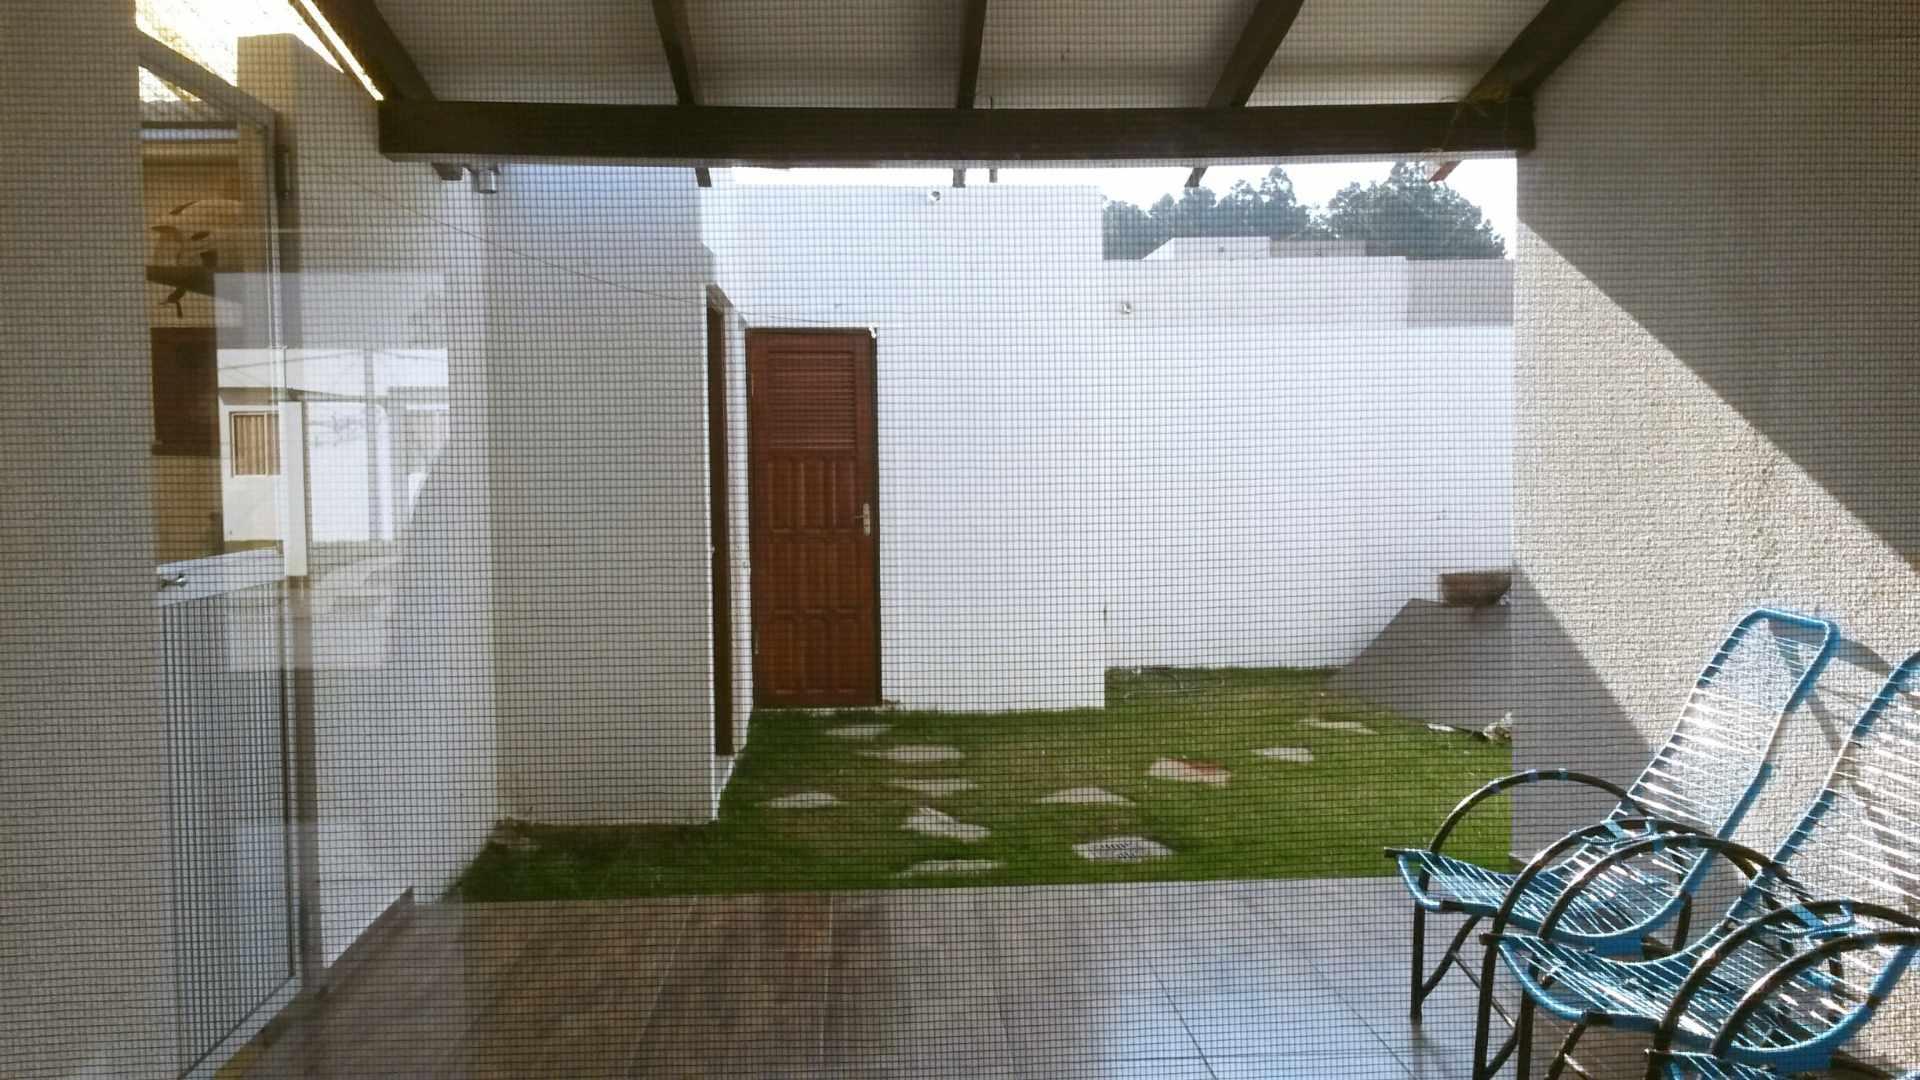 Casa en Venta Casa en Venta en Cond. Sevilla las terrazas 2, Av.banzer  km 10. Foto 14